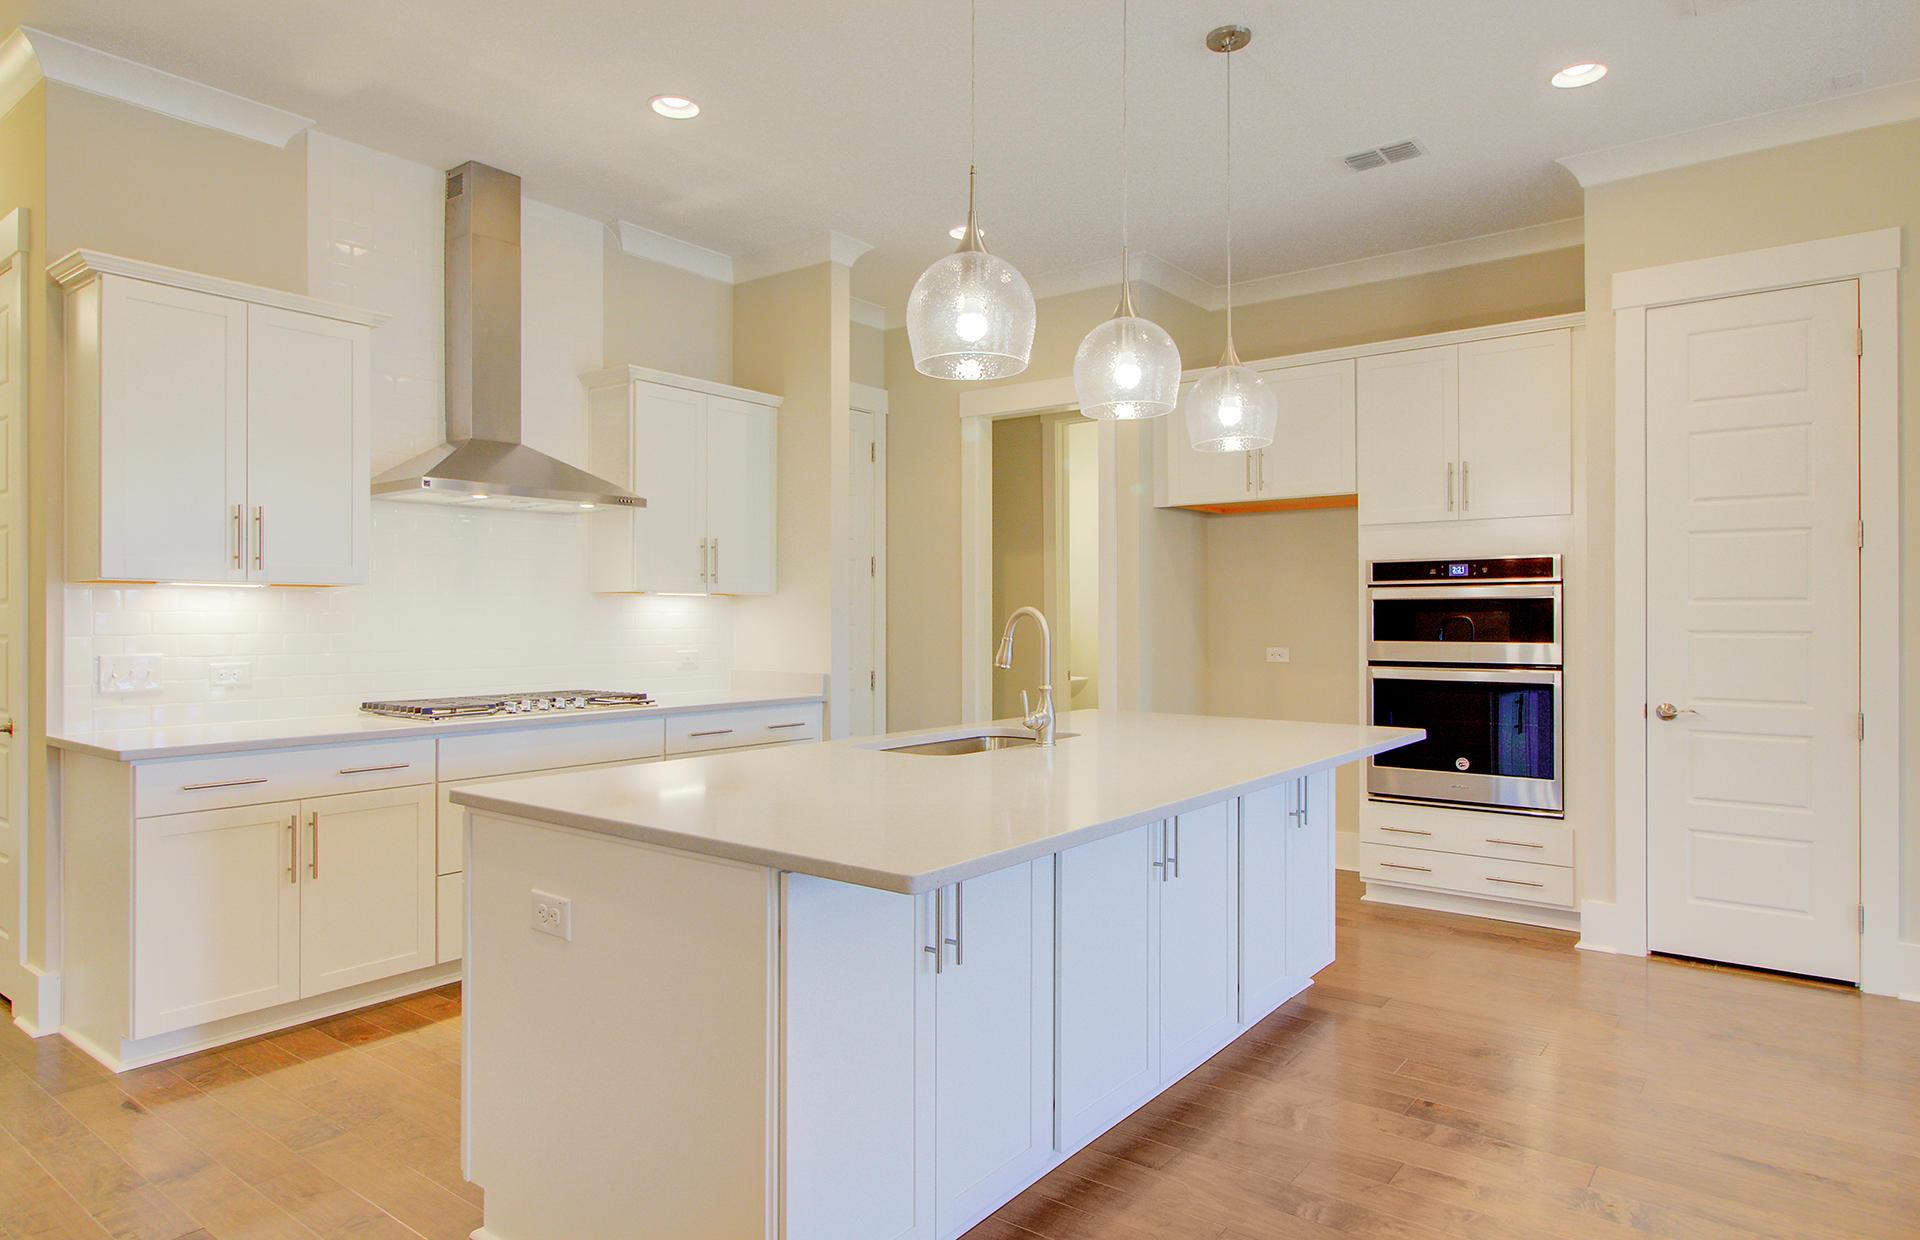 Dunes West Homes For Sale - 2420 Brackish, Mount Pleasant, SC - 23